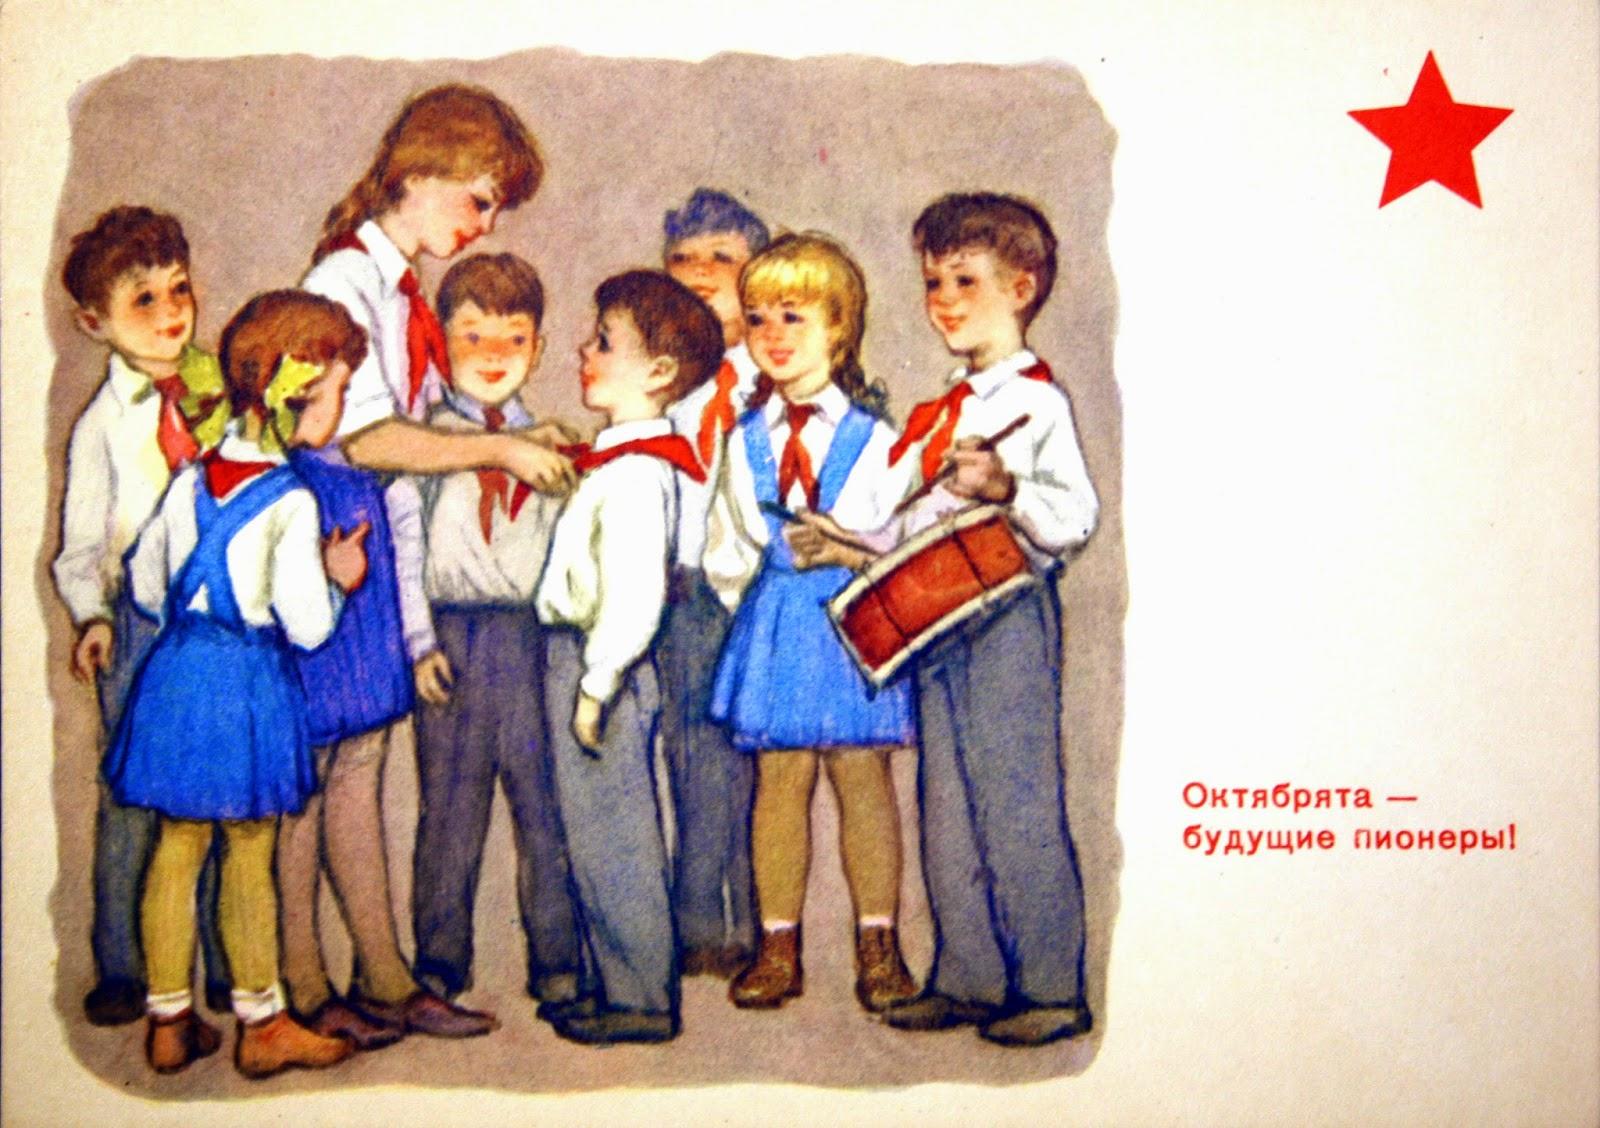 Открытки счастливое советское детство, видео